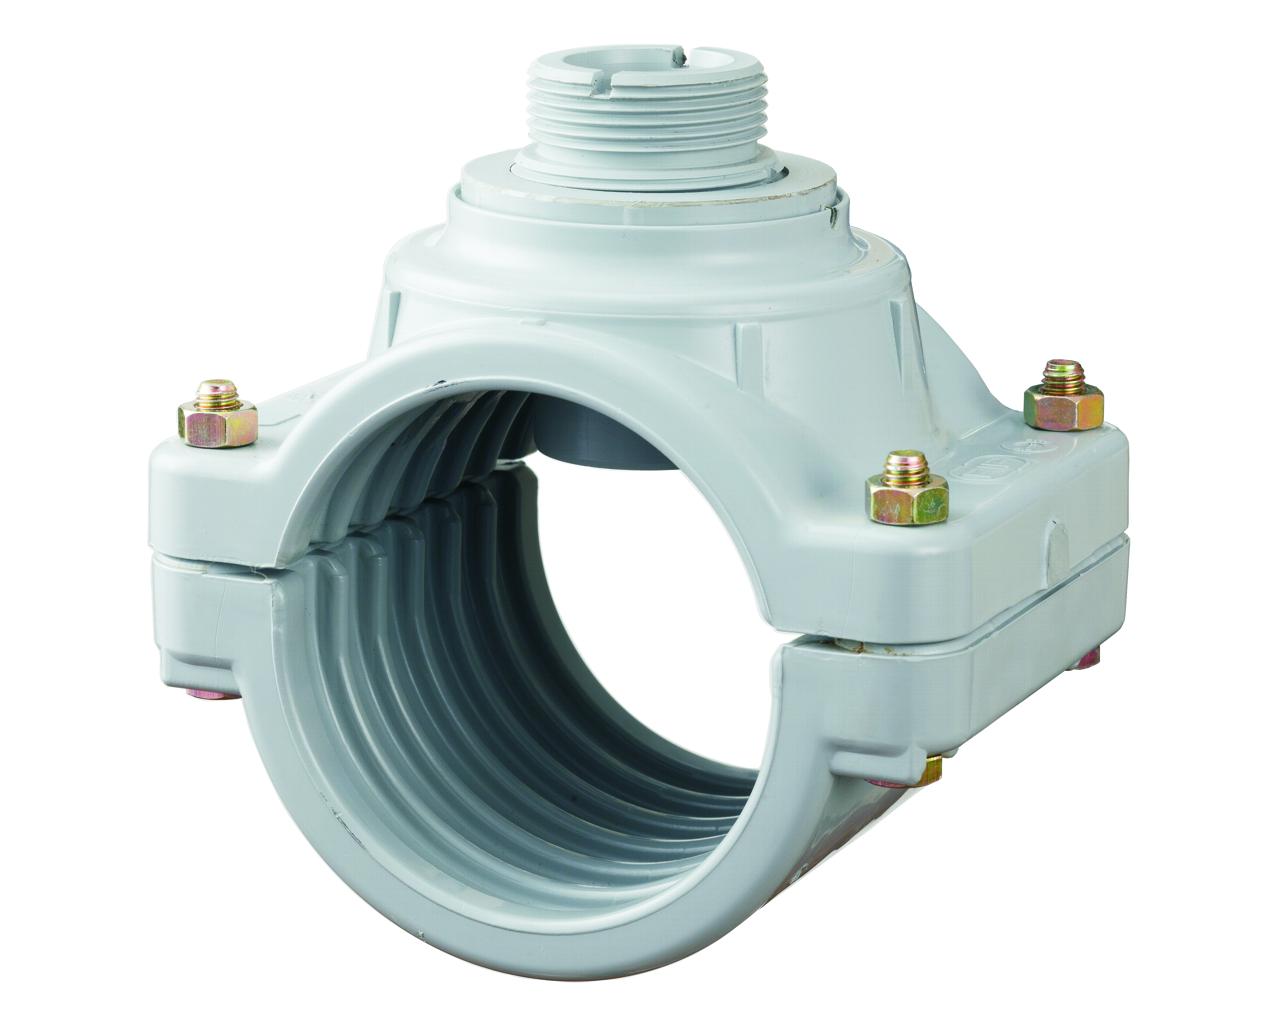 Digit. průtokoměr - Sedlo navrtávací 110 mm pro senzor průtoku